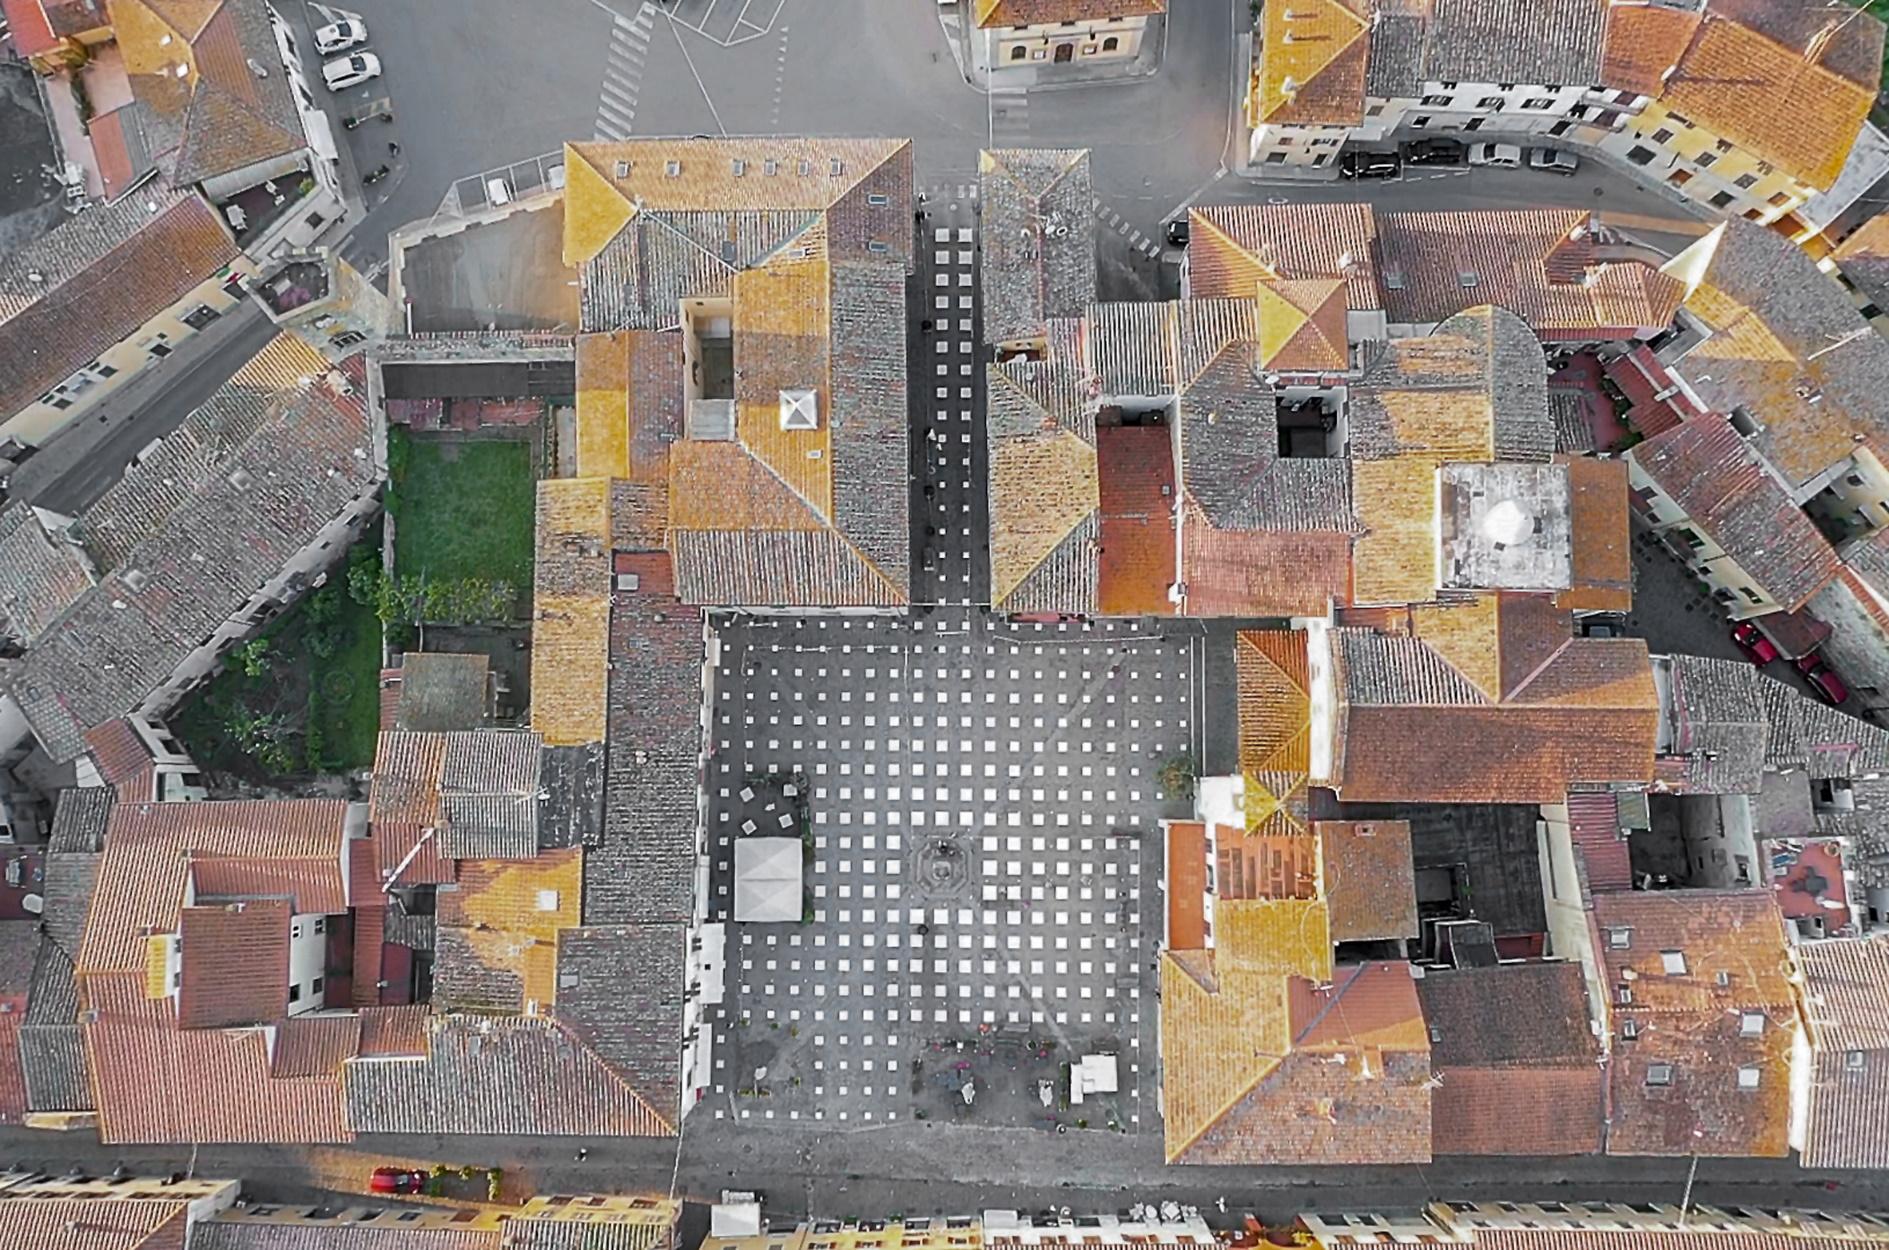 Πρωτότυπη εγκατάσταση για χρήση πλατείας στον καιρό του κορονοϊού